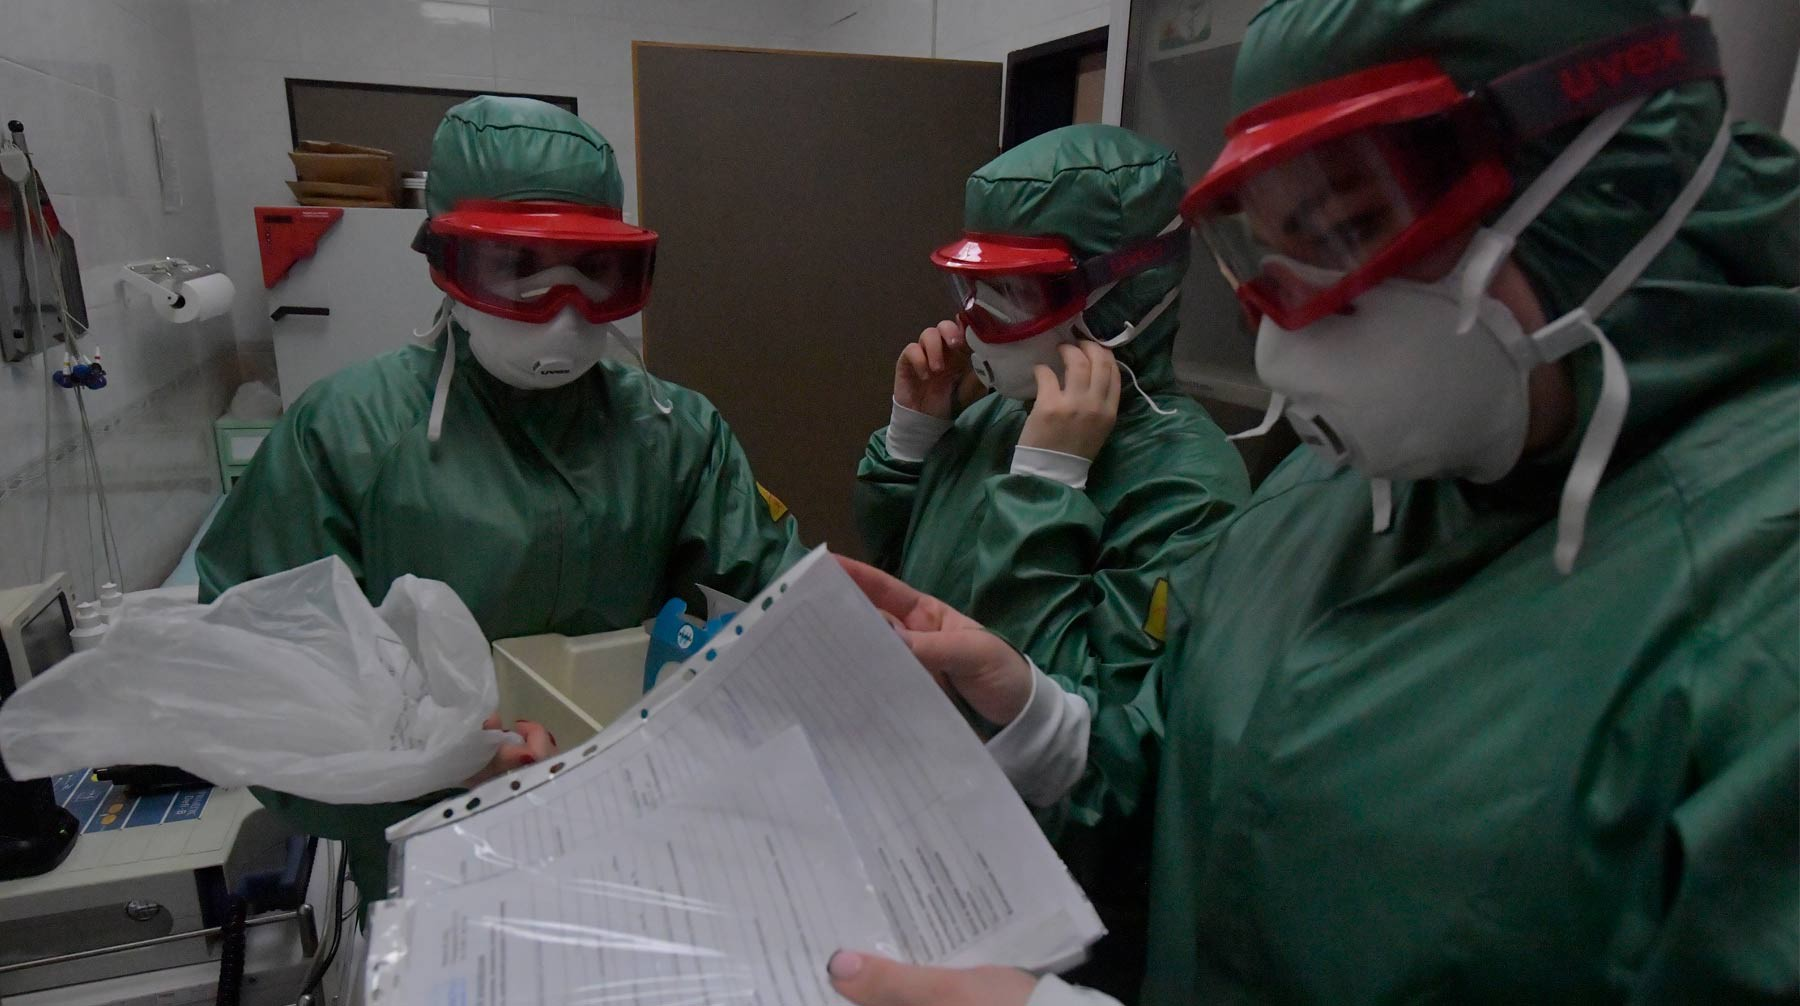 Собянин заявил об определении требований по лечению коронавируса к больницам и персоналу